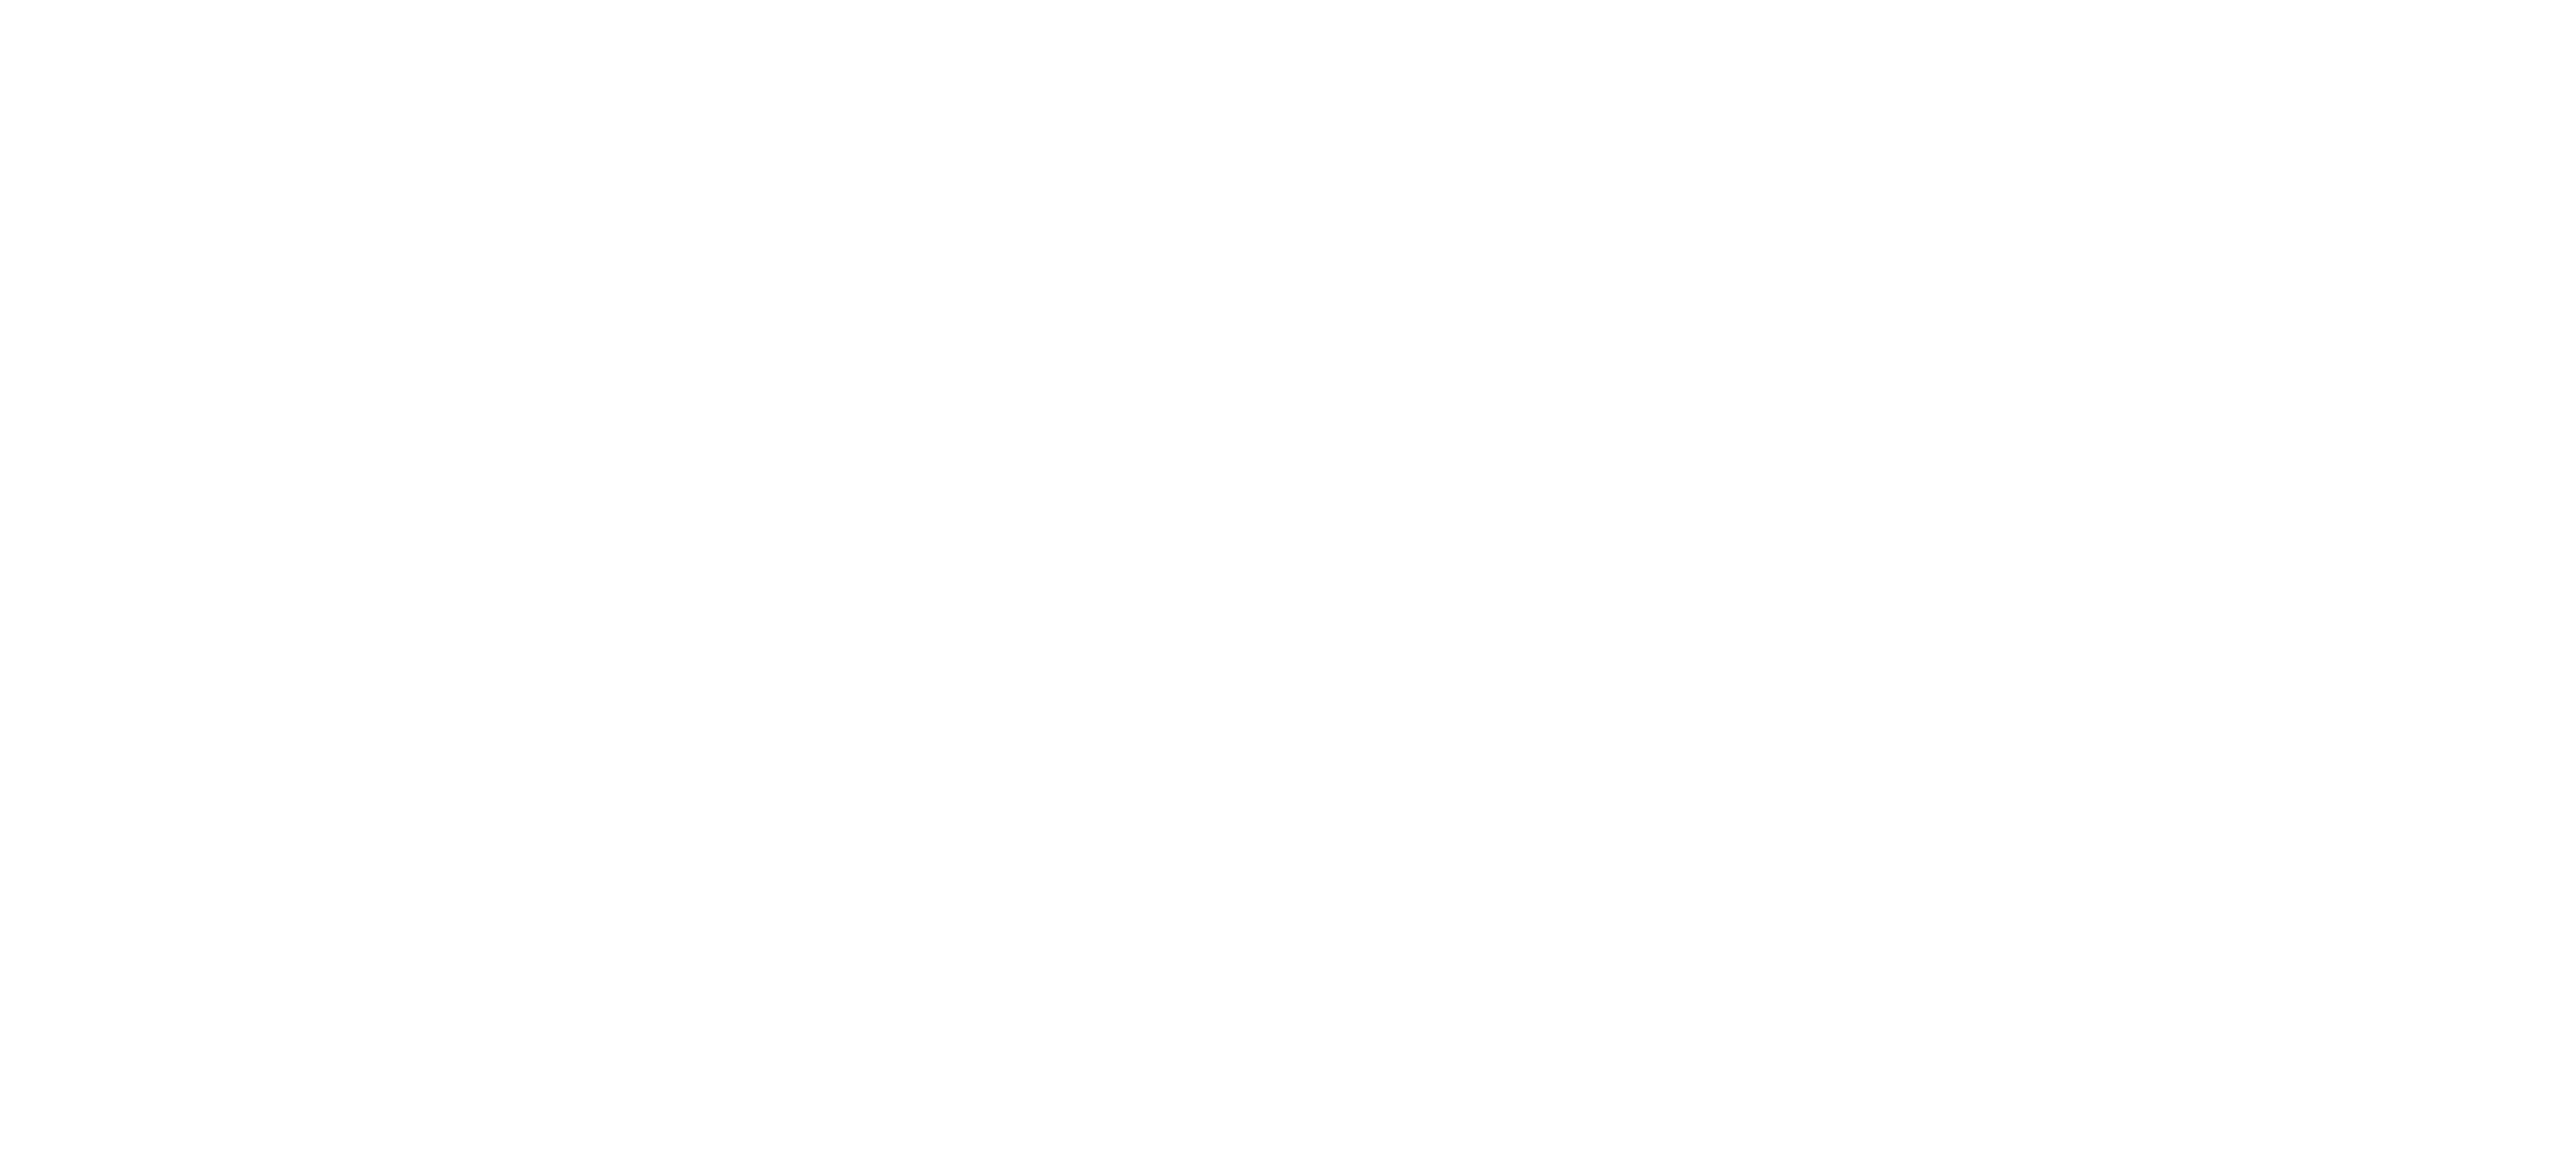 KamiBlack